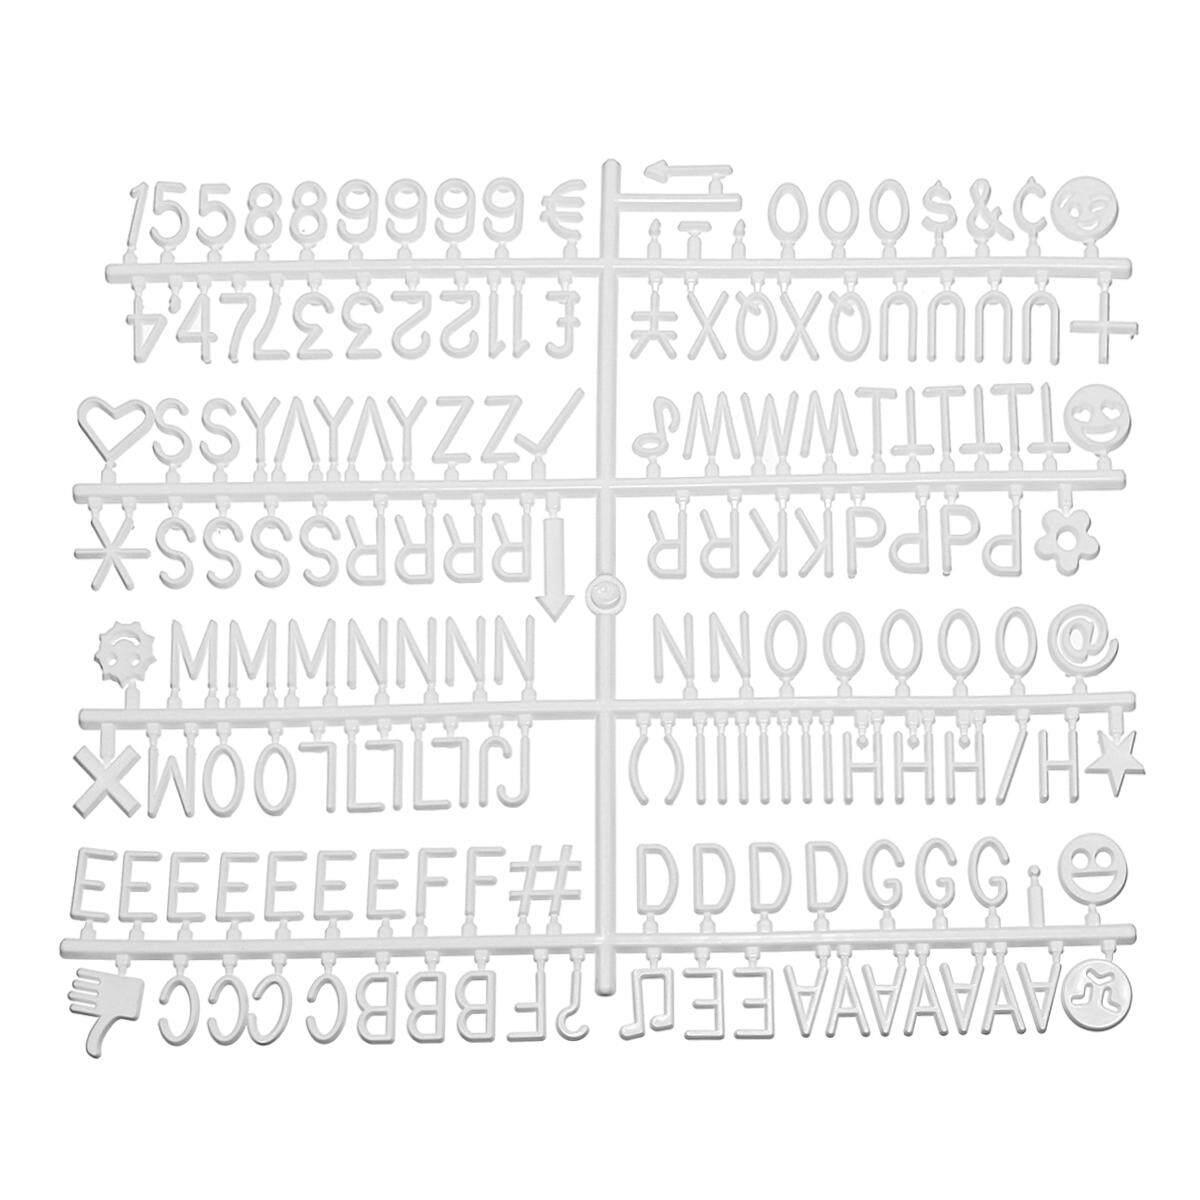 rack DIY Letter Board Sign To Do List Reminder Memo Signage Felt Display  Decor Pin